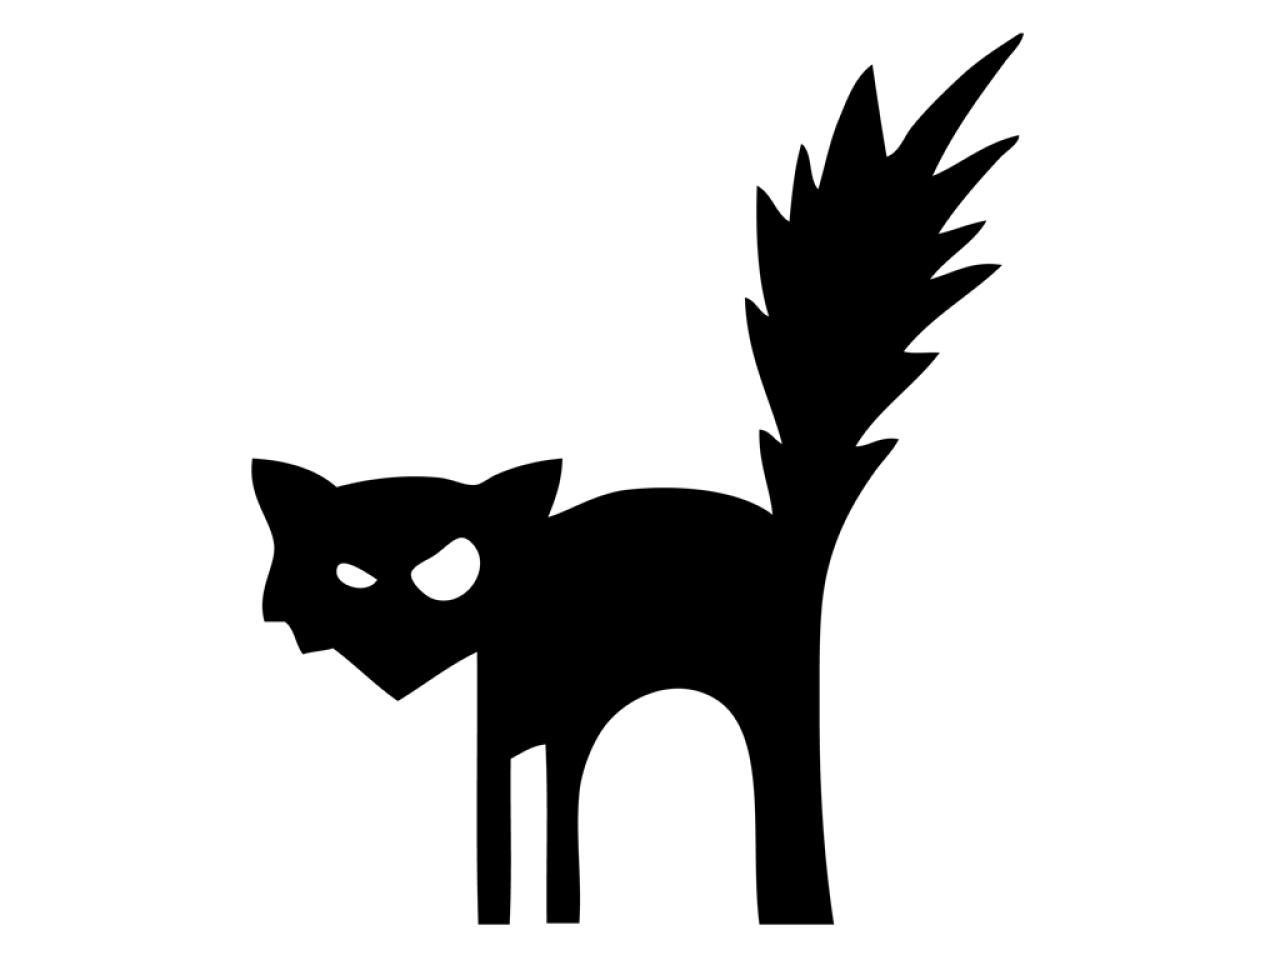 Cheetah Print Pumpkin Black And White Clipart Clipground